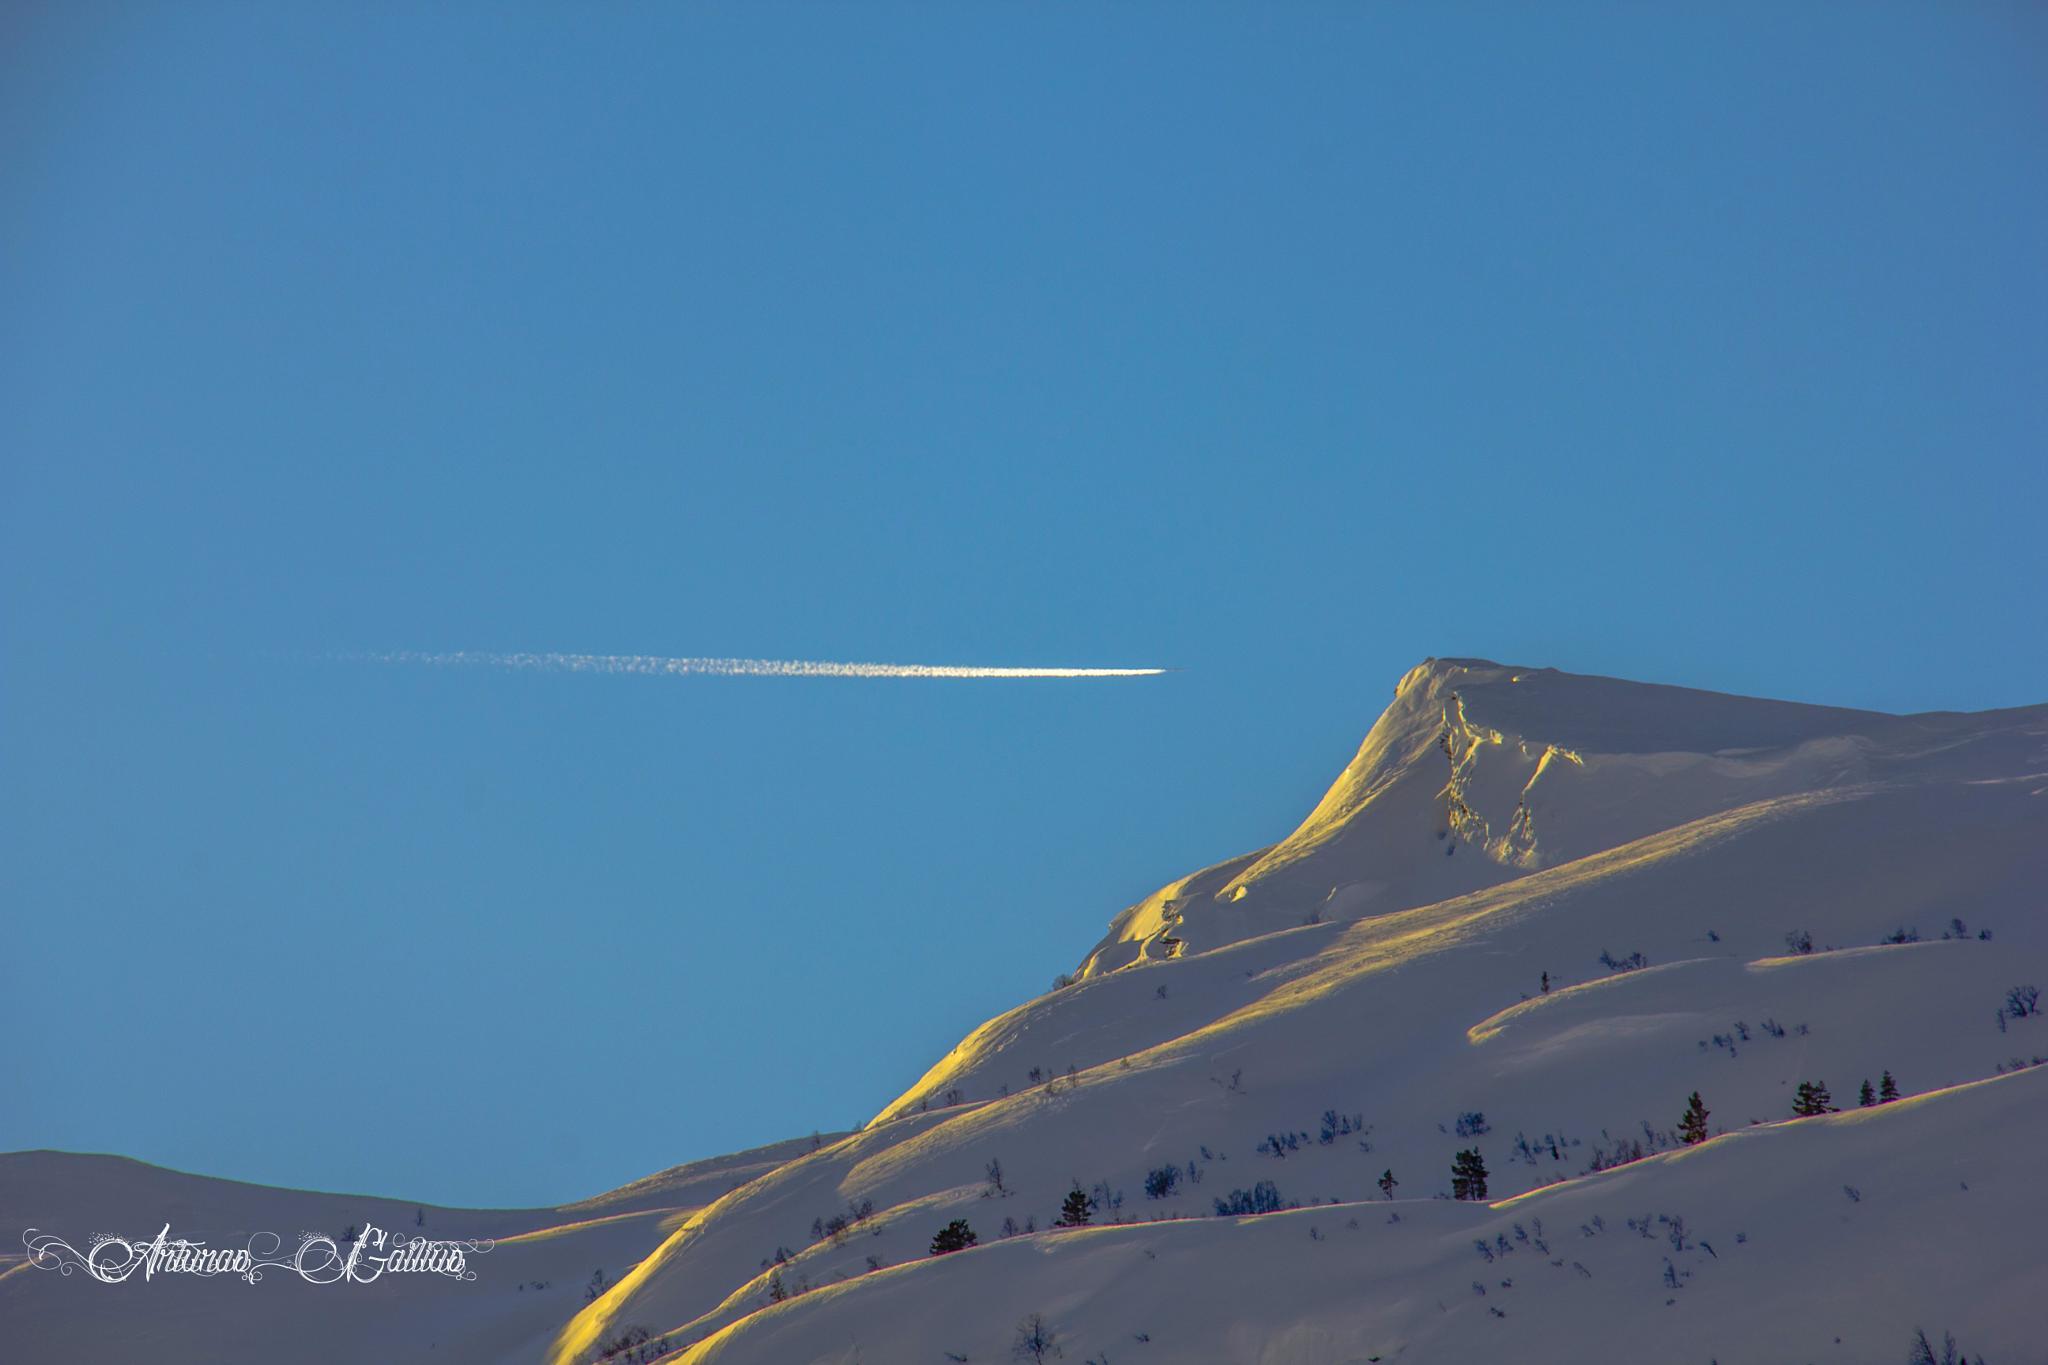 Beautifully flown by Arturas Gailius